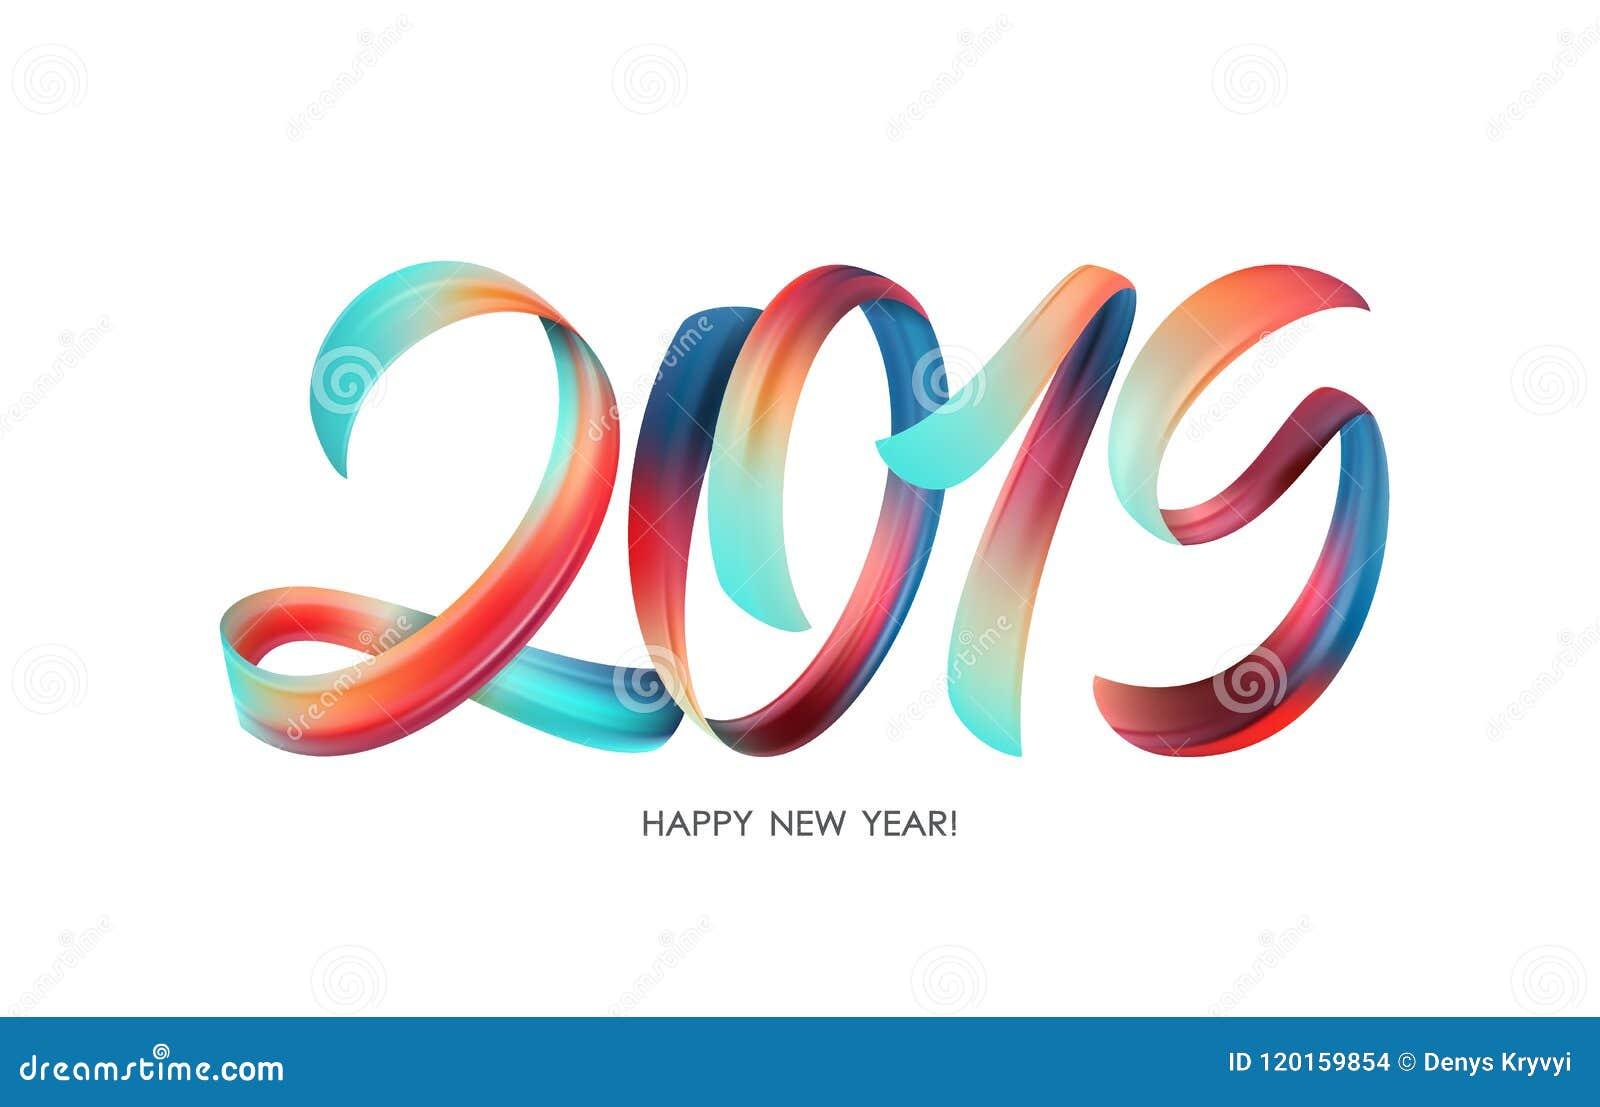 Иллюстрация вектора: Красочная каллиграфия литерности краски Brushstroke 2019 счастливых Новых Годов на белой предпосылке